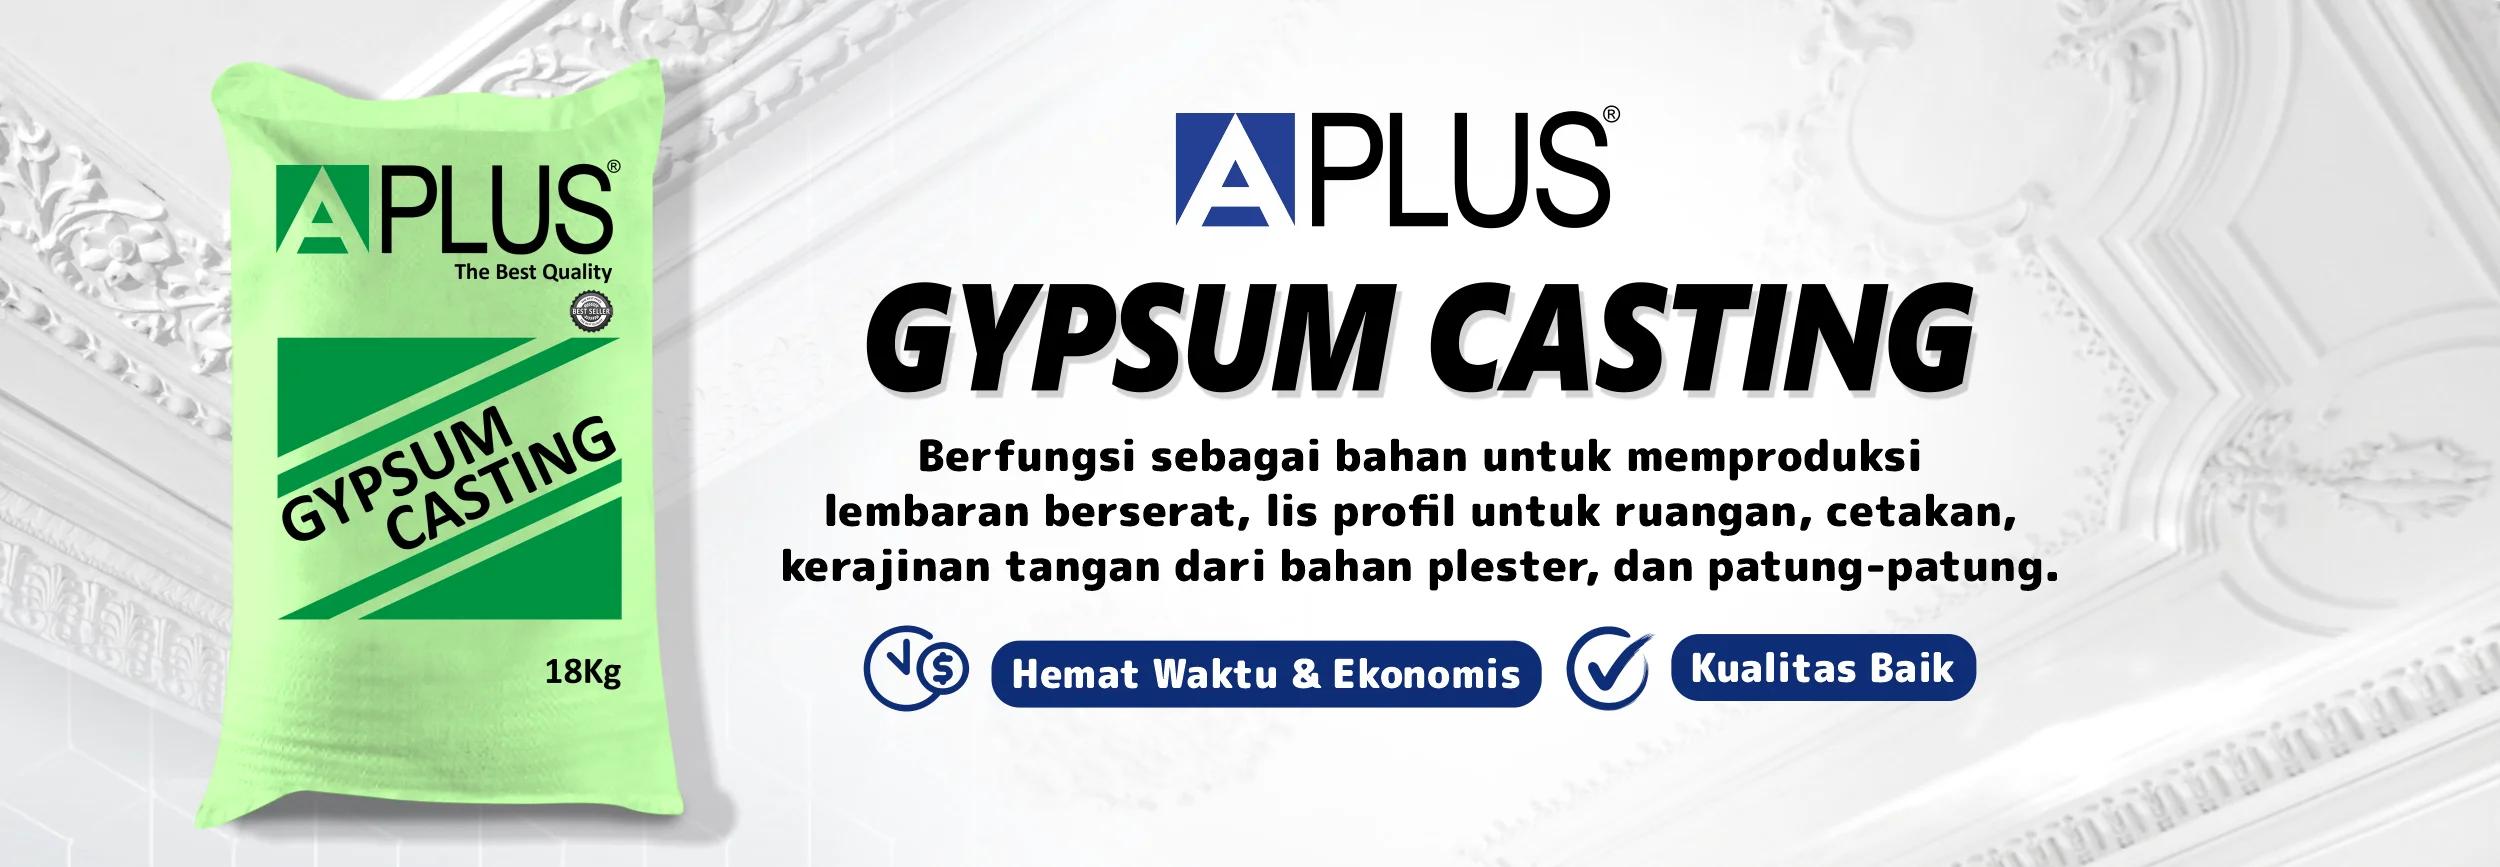 gypsum casting aplus 18 kg